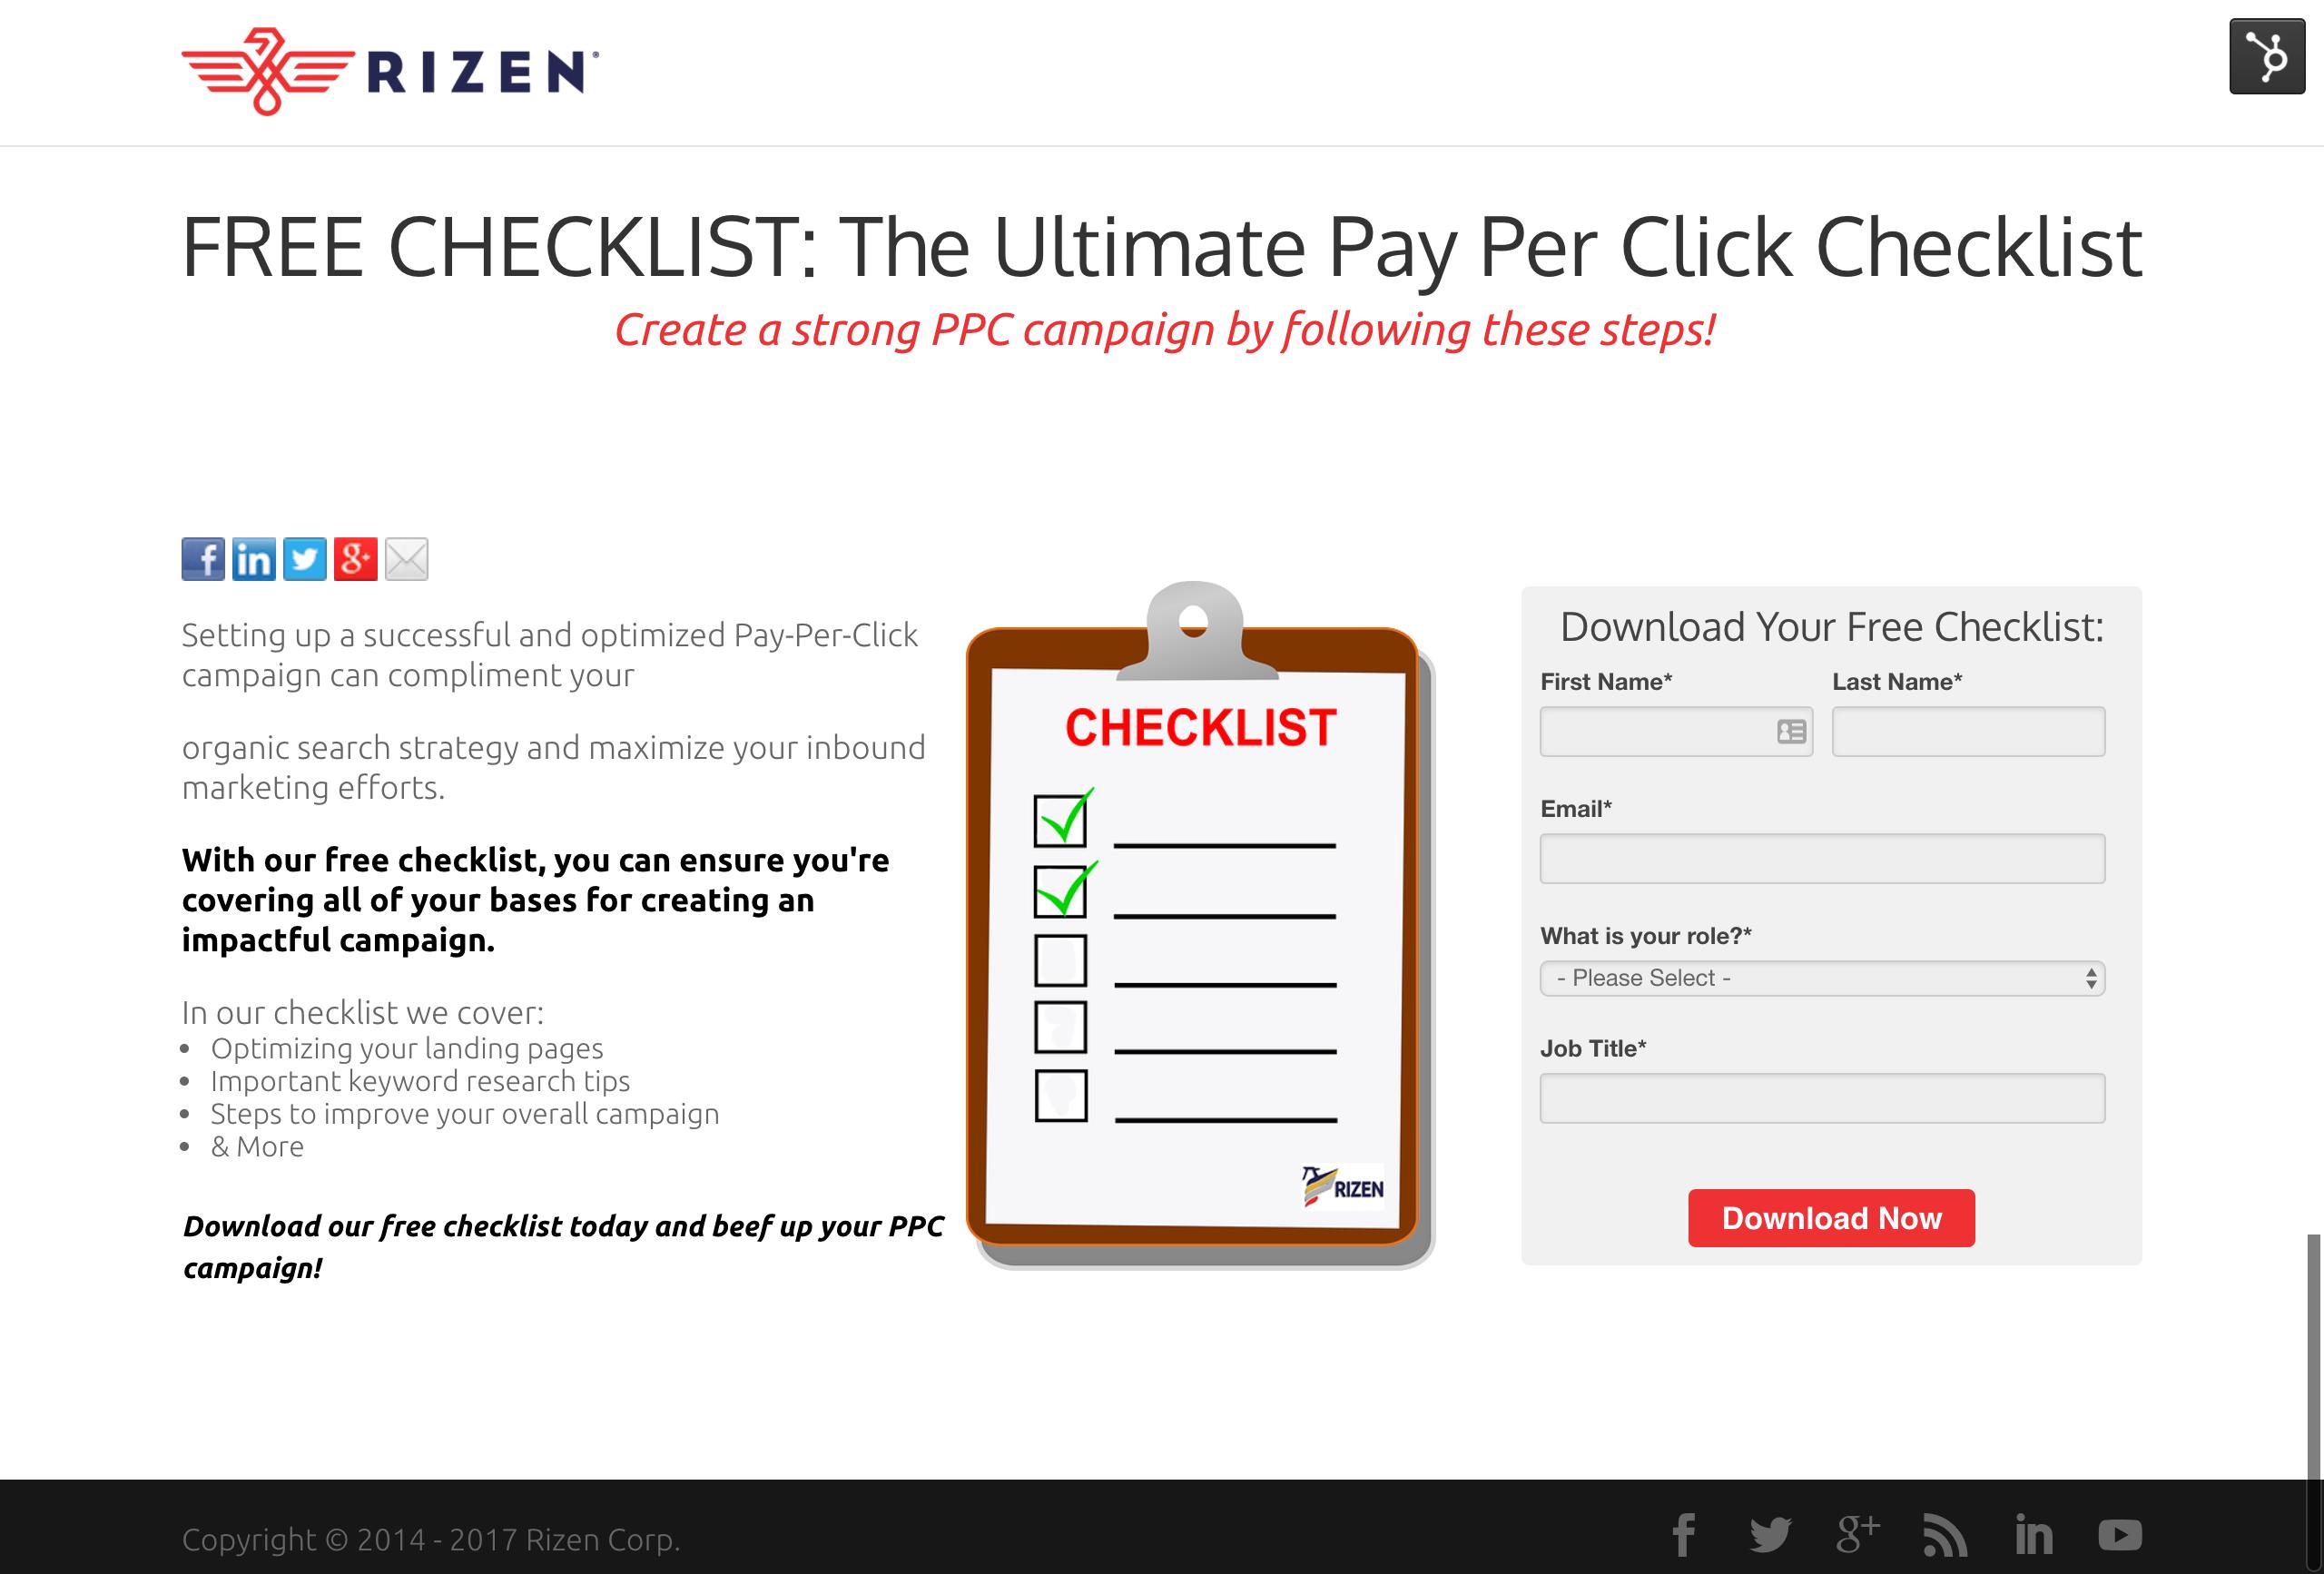 FREE CHECKLIST  The Ultimate Pay Per Click Checklist